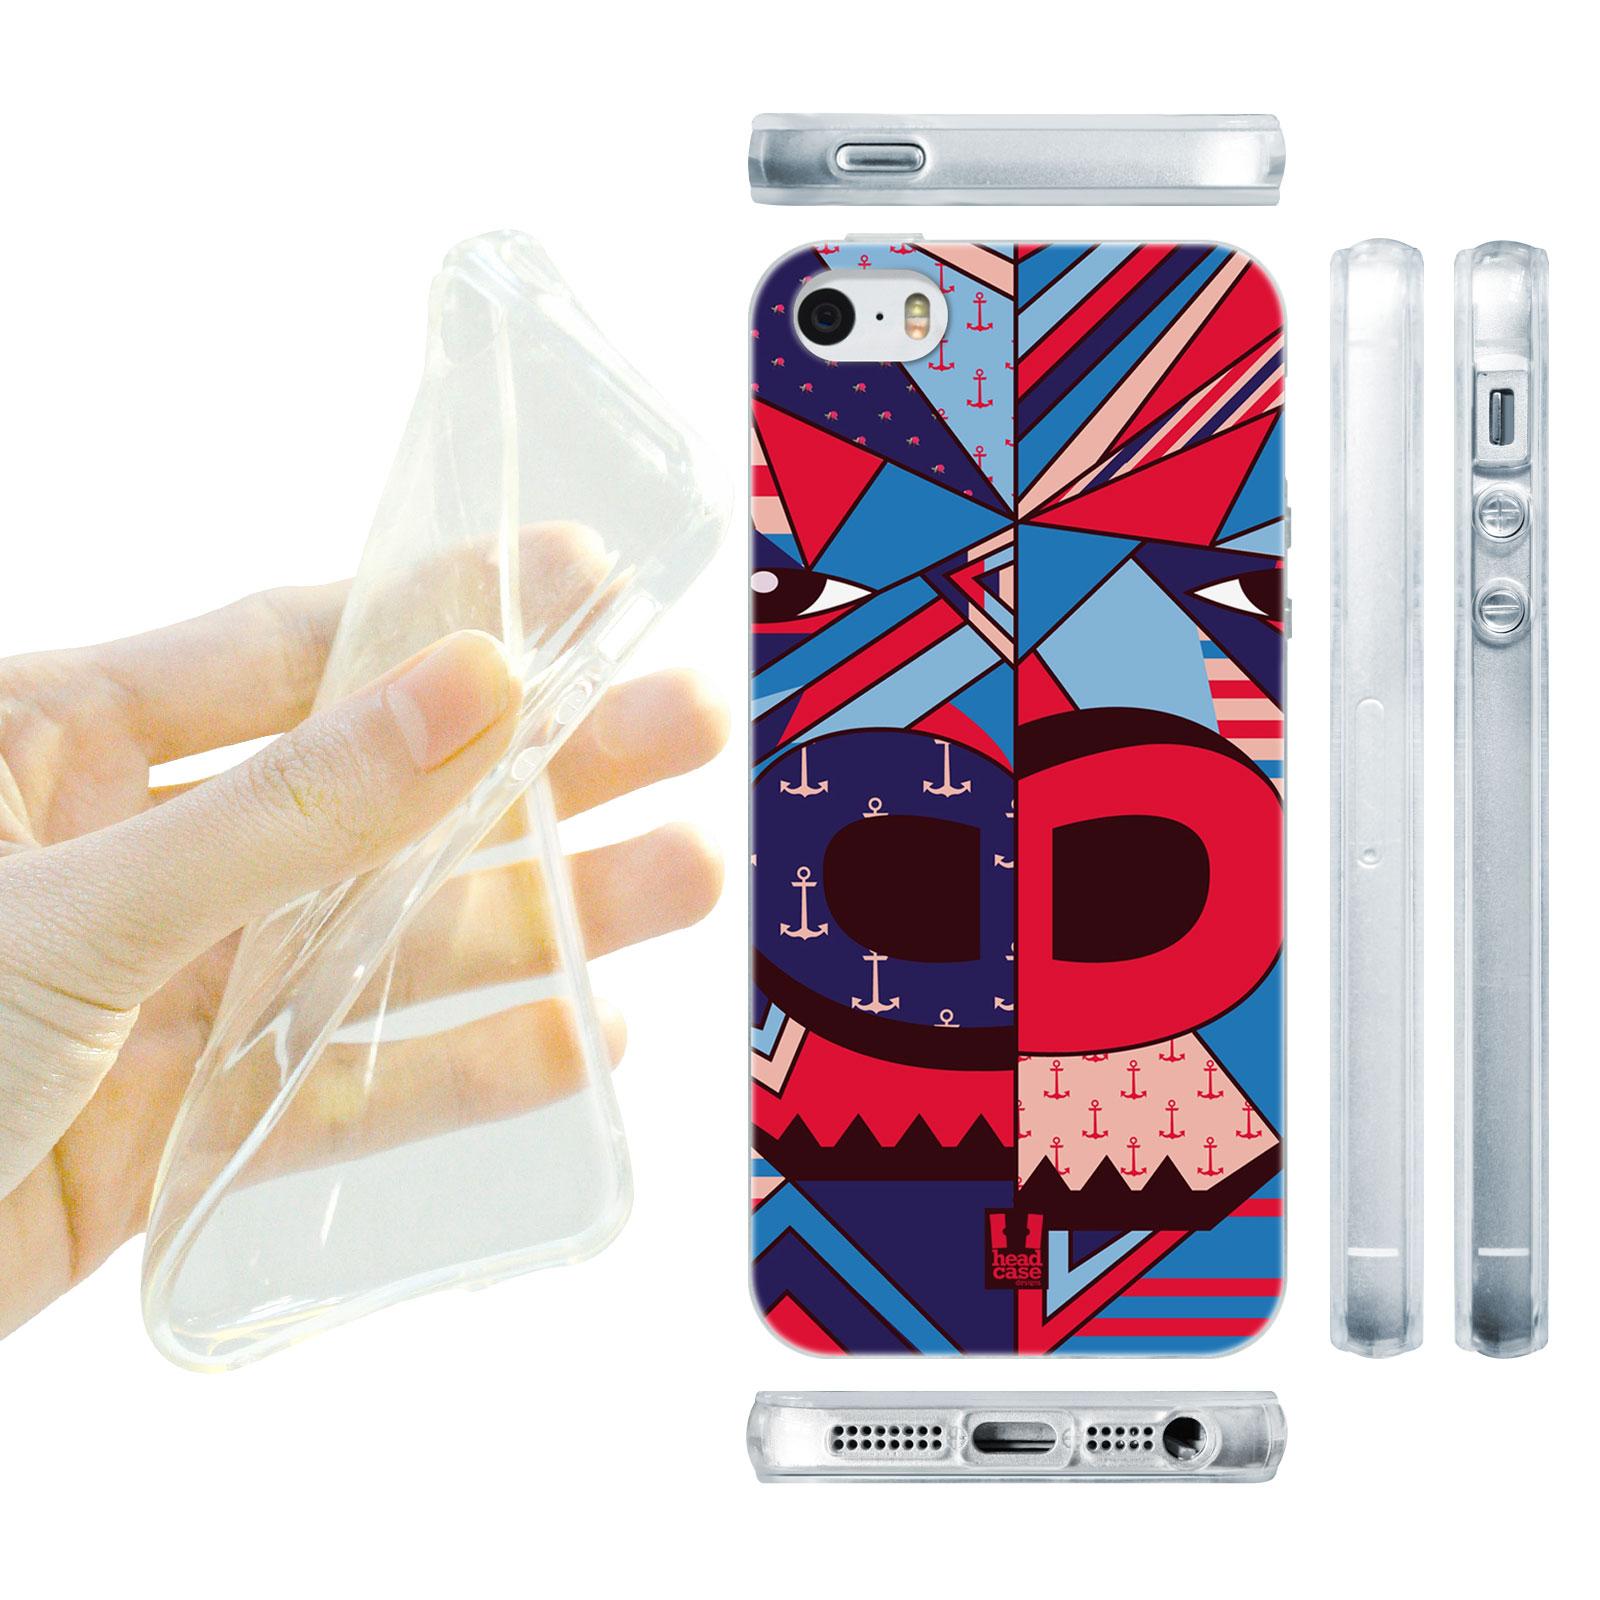 HEAD CASE silikonový obal na mobil Iphone 5/5S zvířata abstraktní gorila